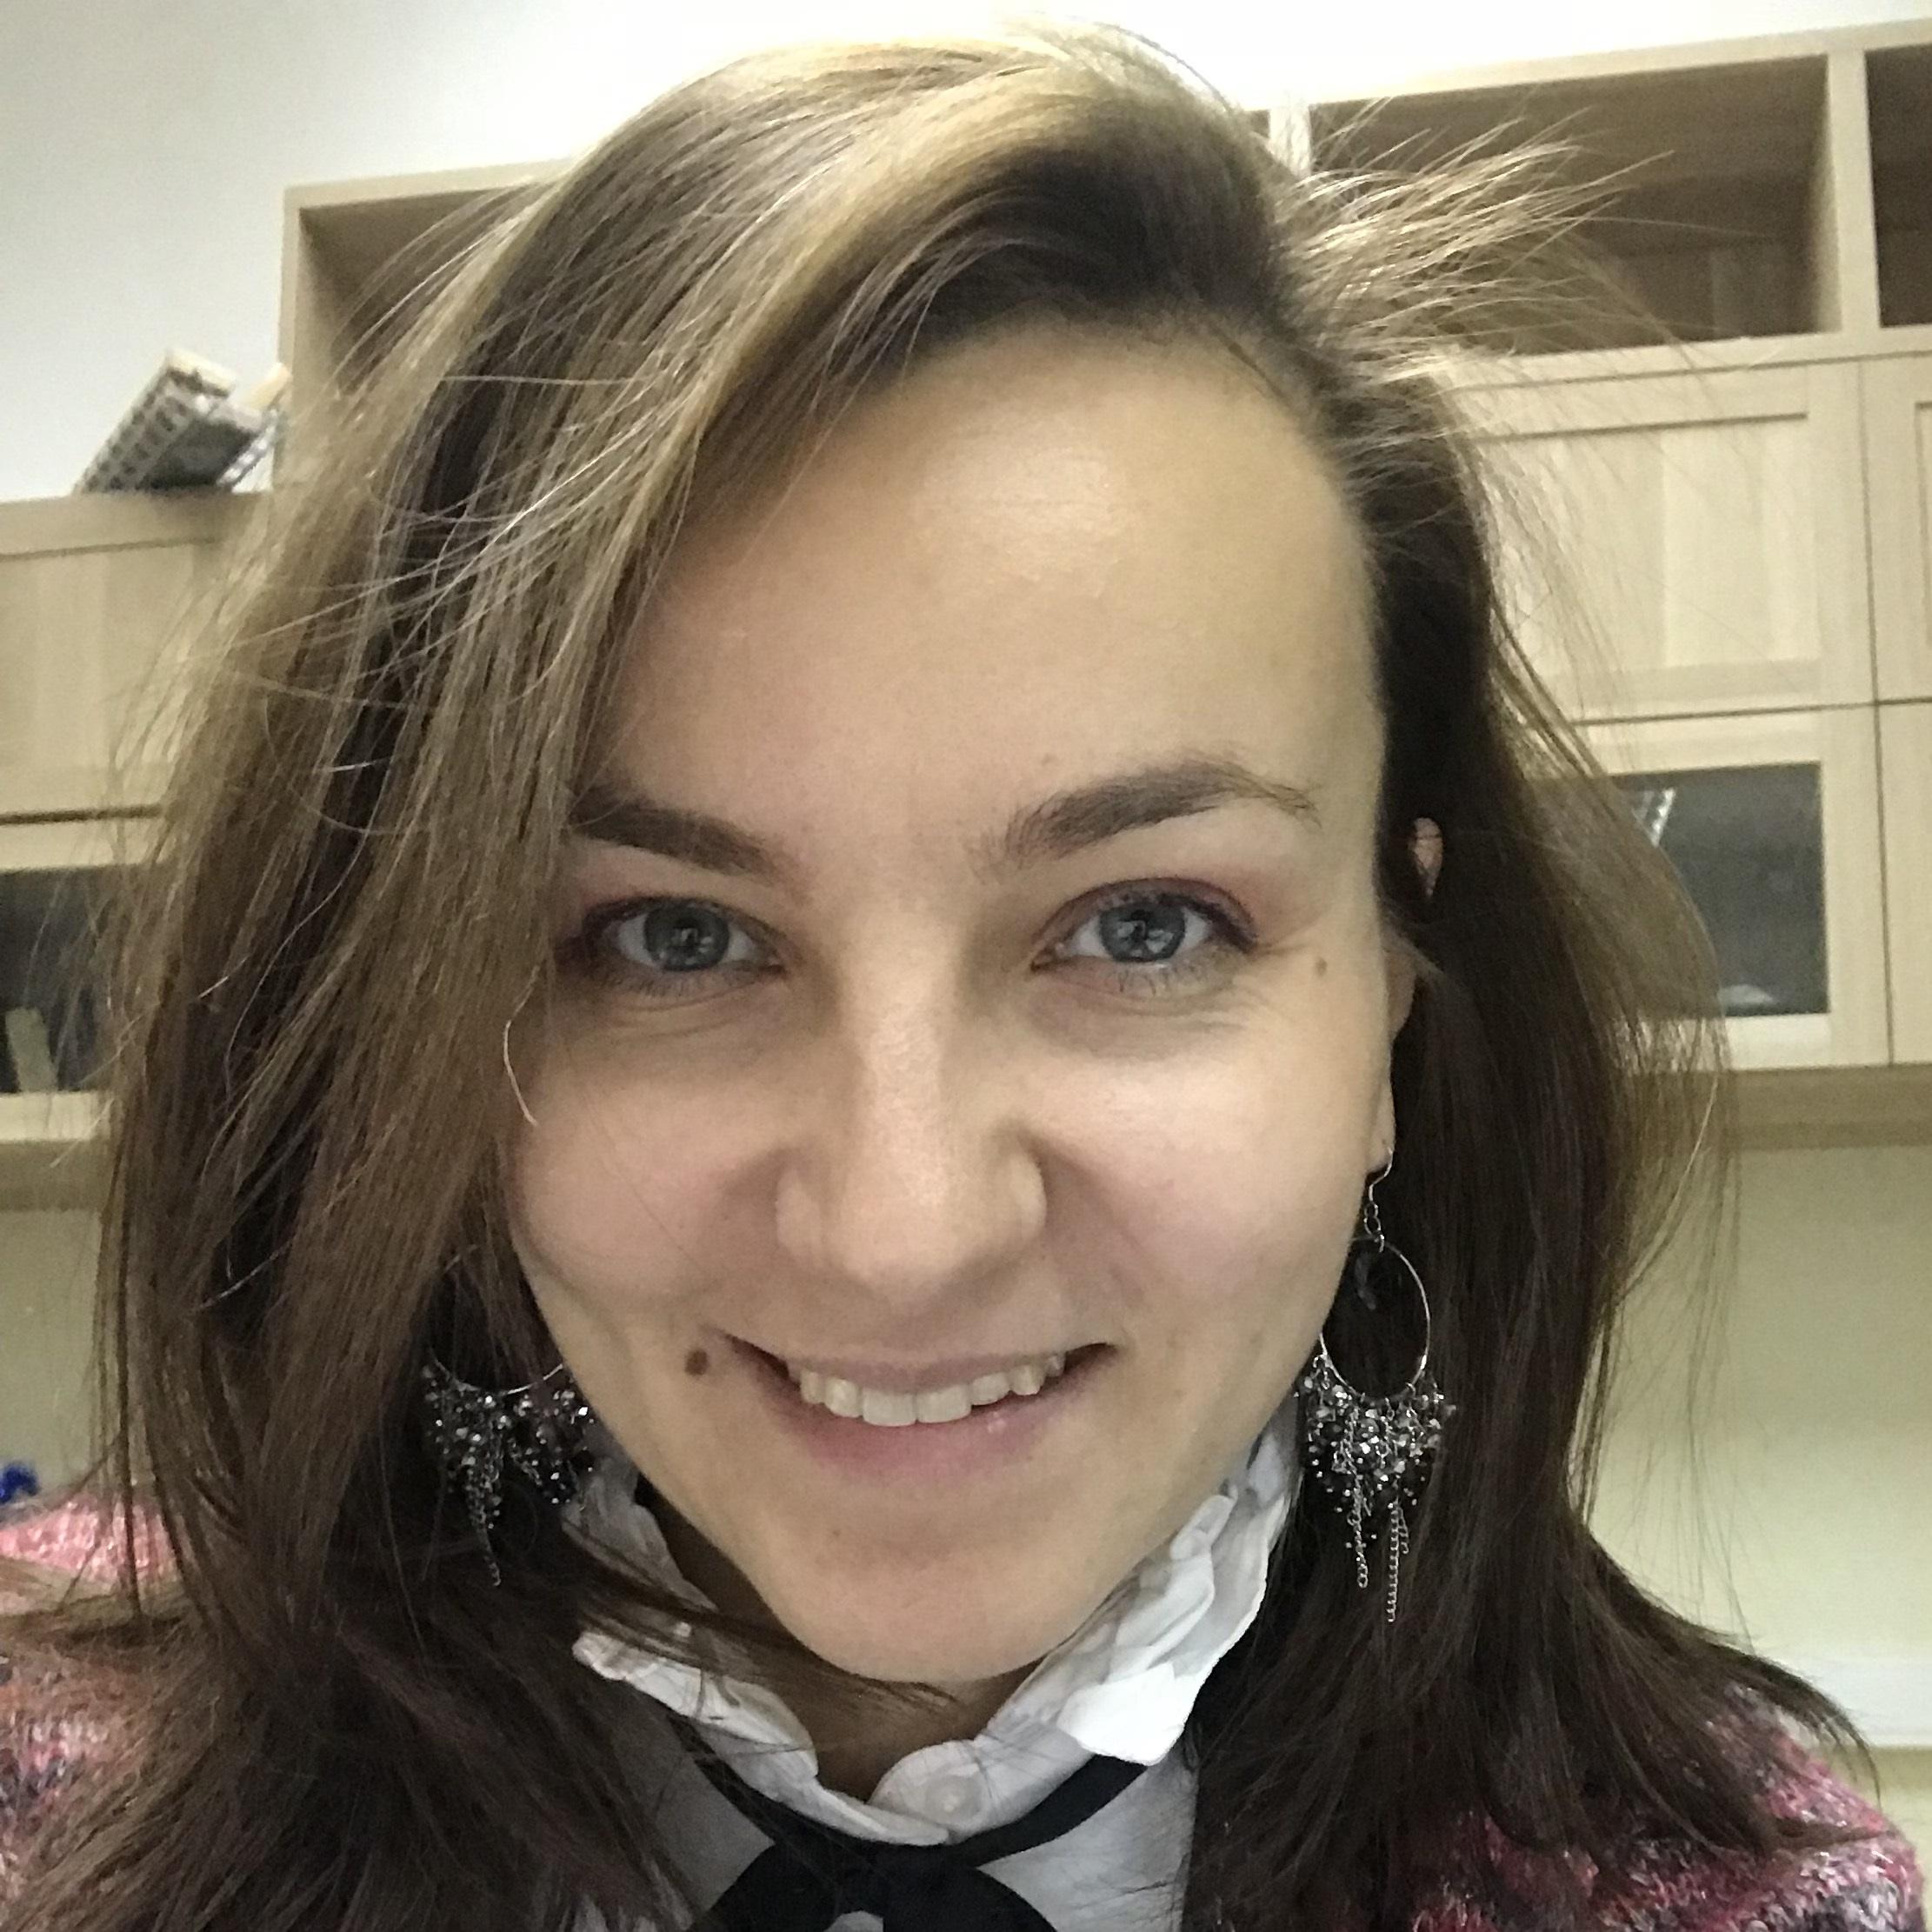 Boytsova